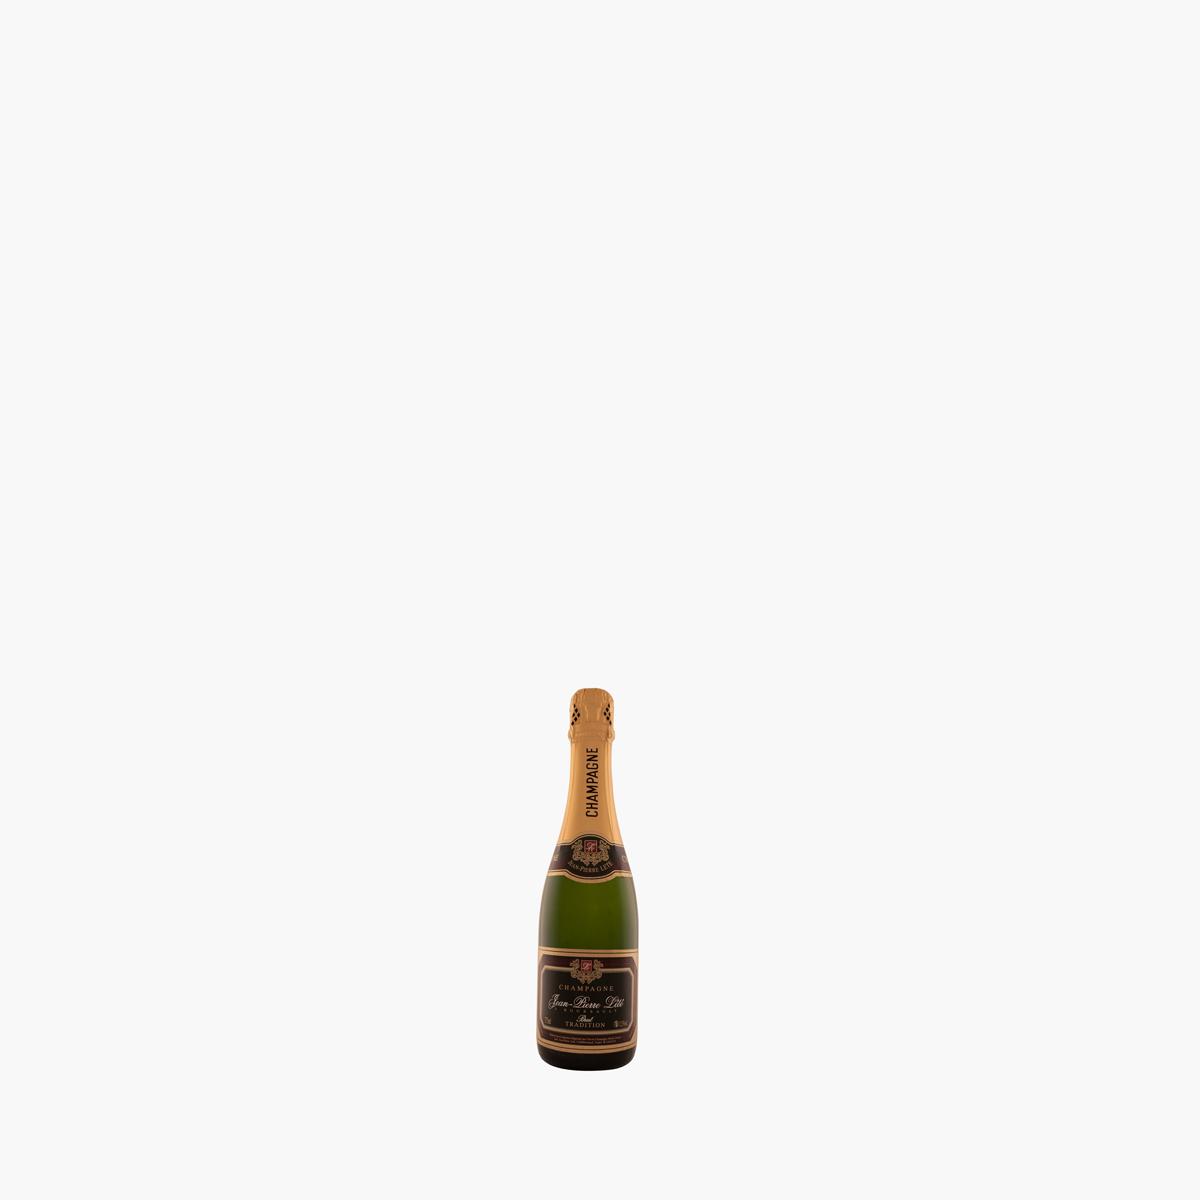 Le Brut Tradition demi-bouteille